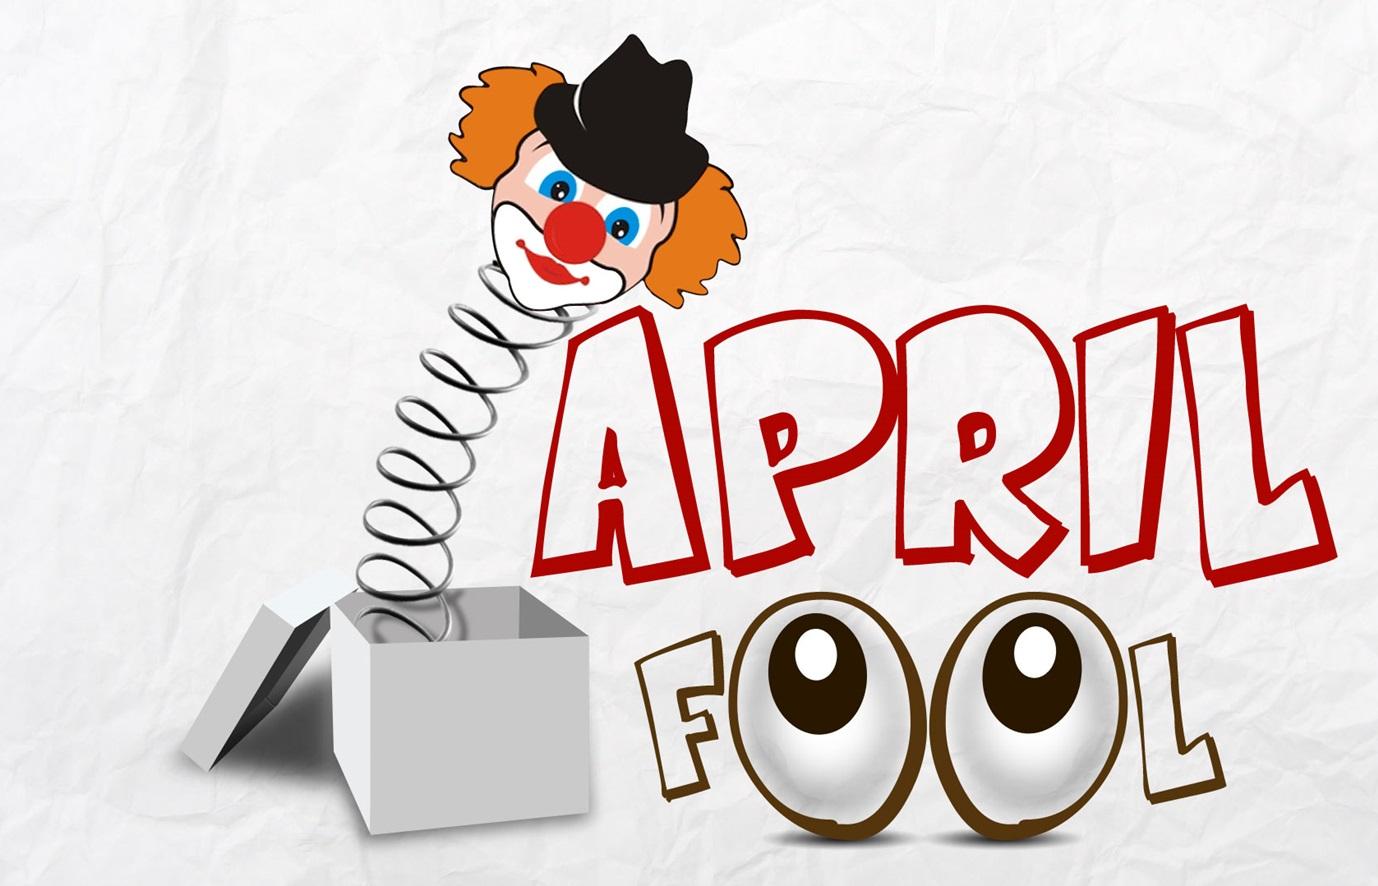 April Fools HD Images